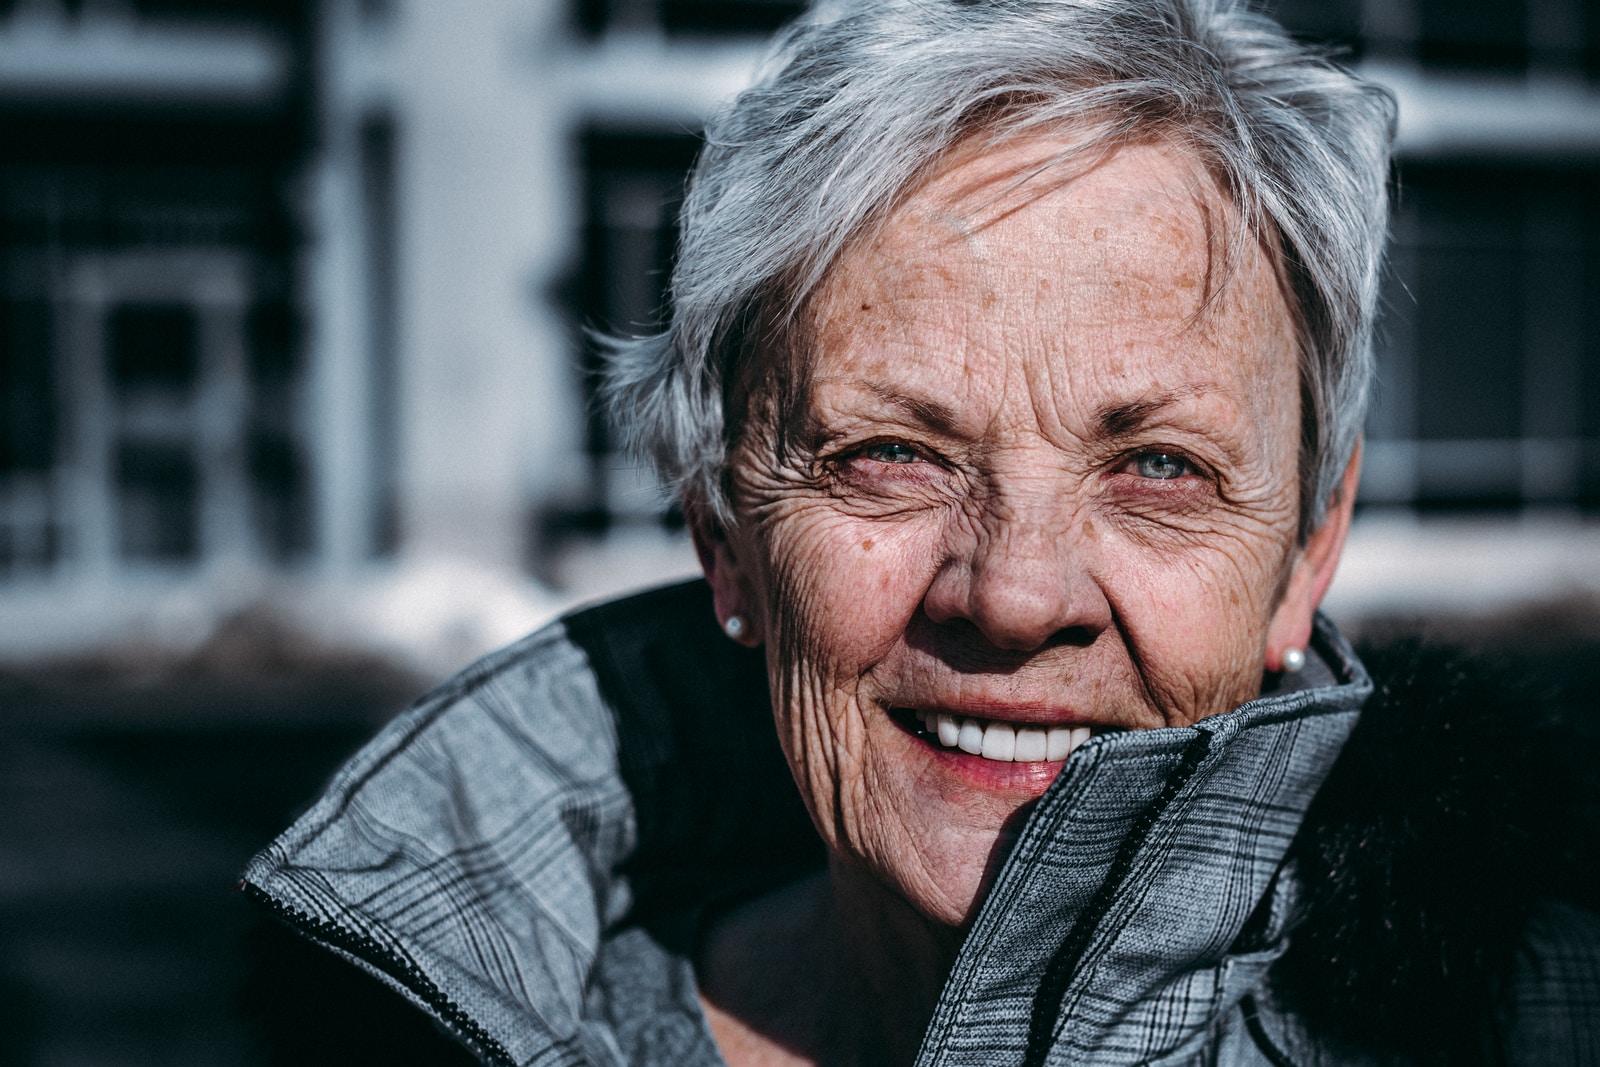 Diagnóstico de demência acaba sendo o início do isolamento